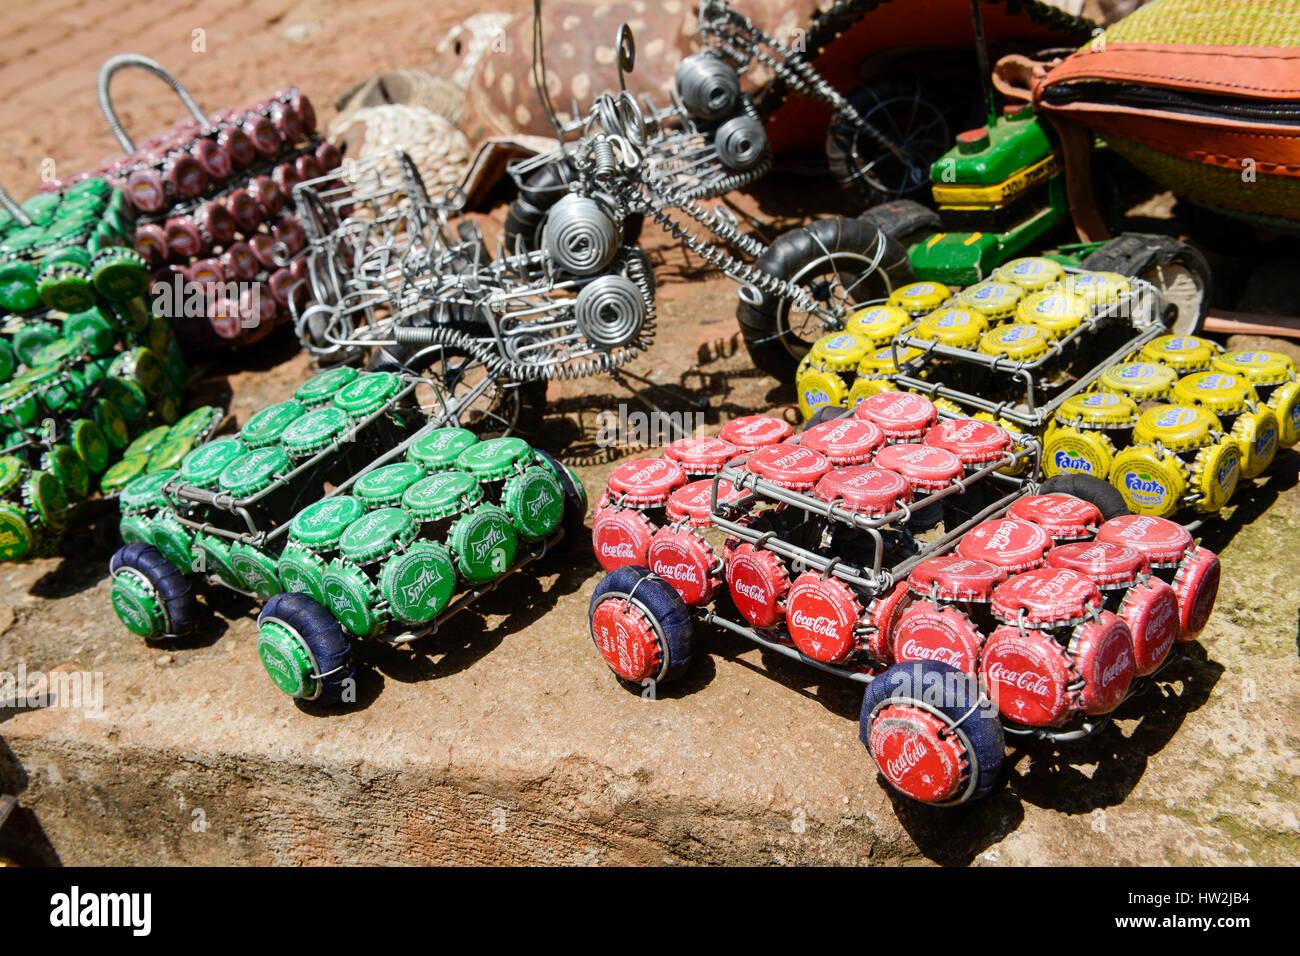 UGANDA, Kampala, Souvenirs, car made from wire and bottle closure / Autos aus Draht und Flaschen Kronkorken - Stock Image